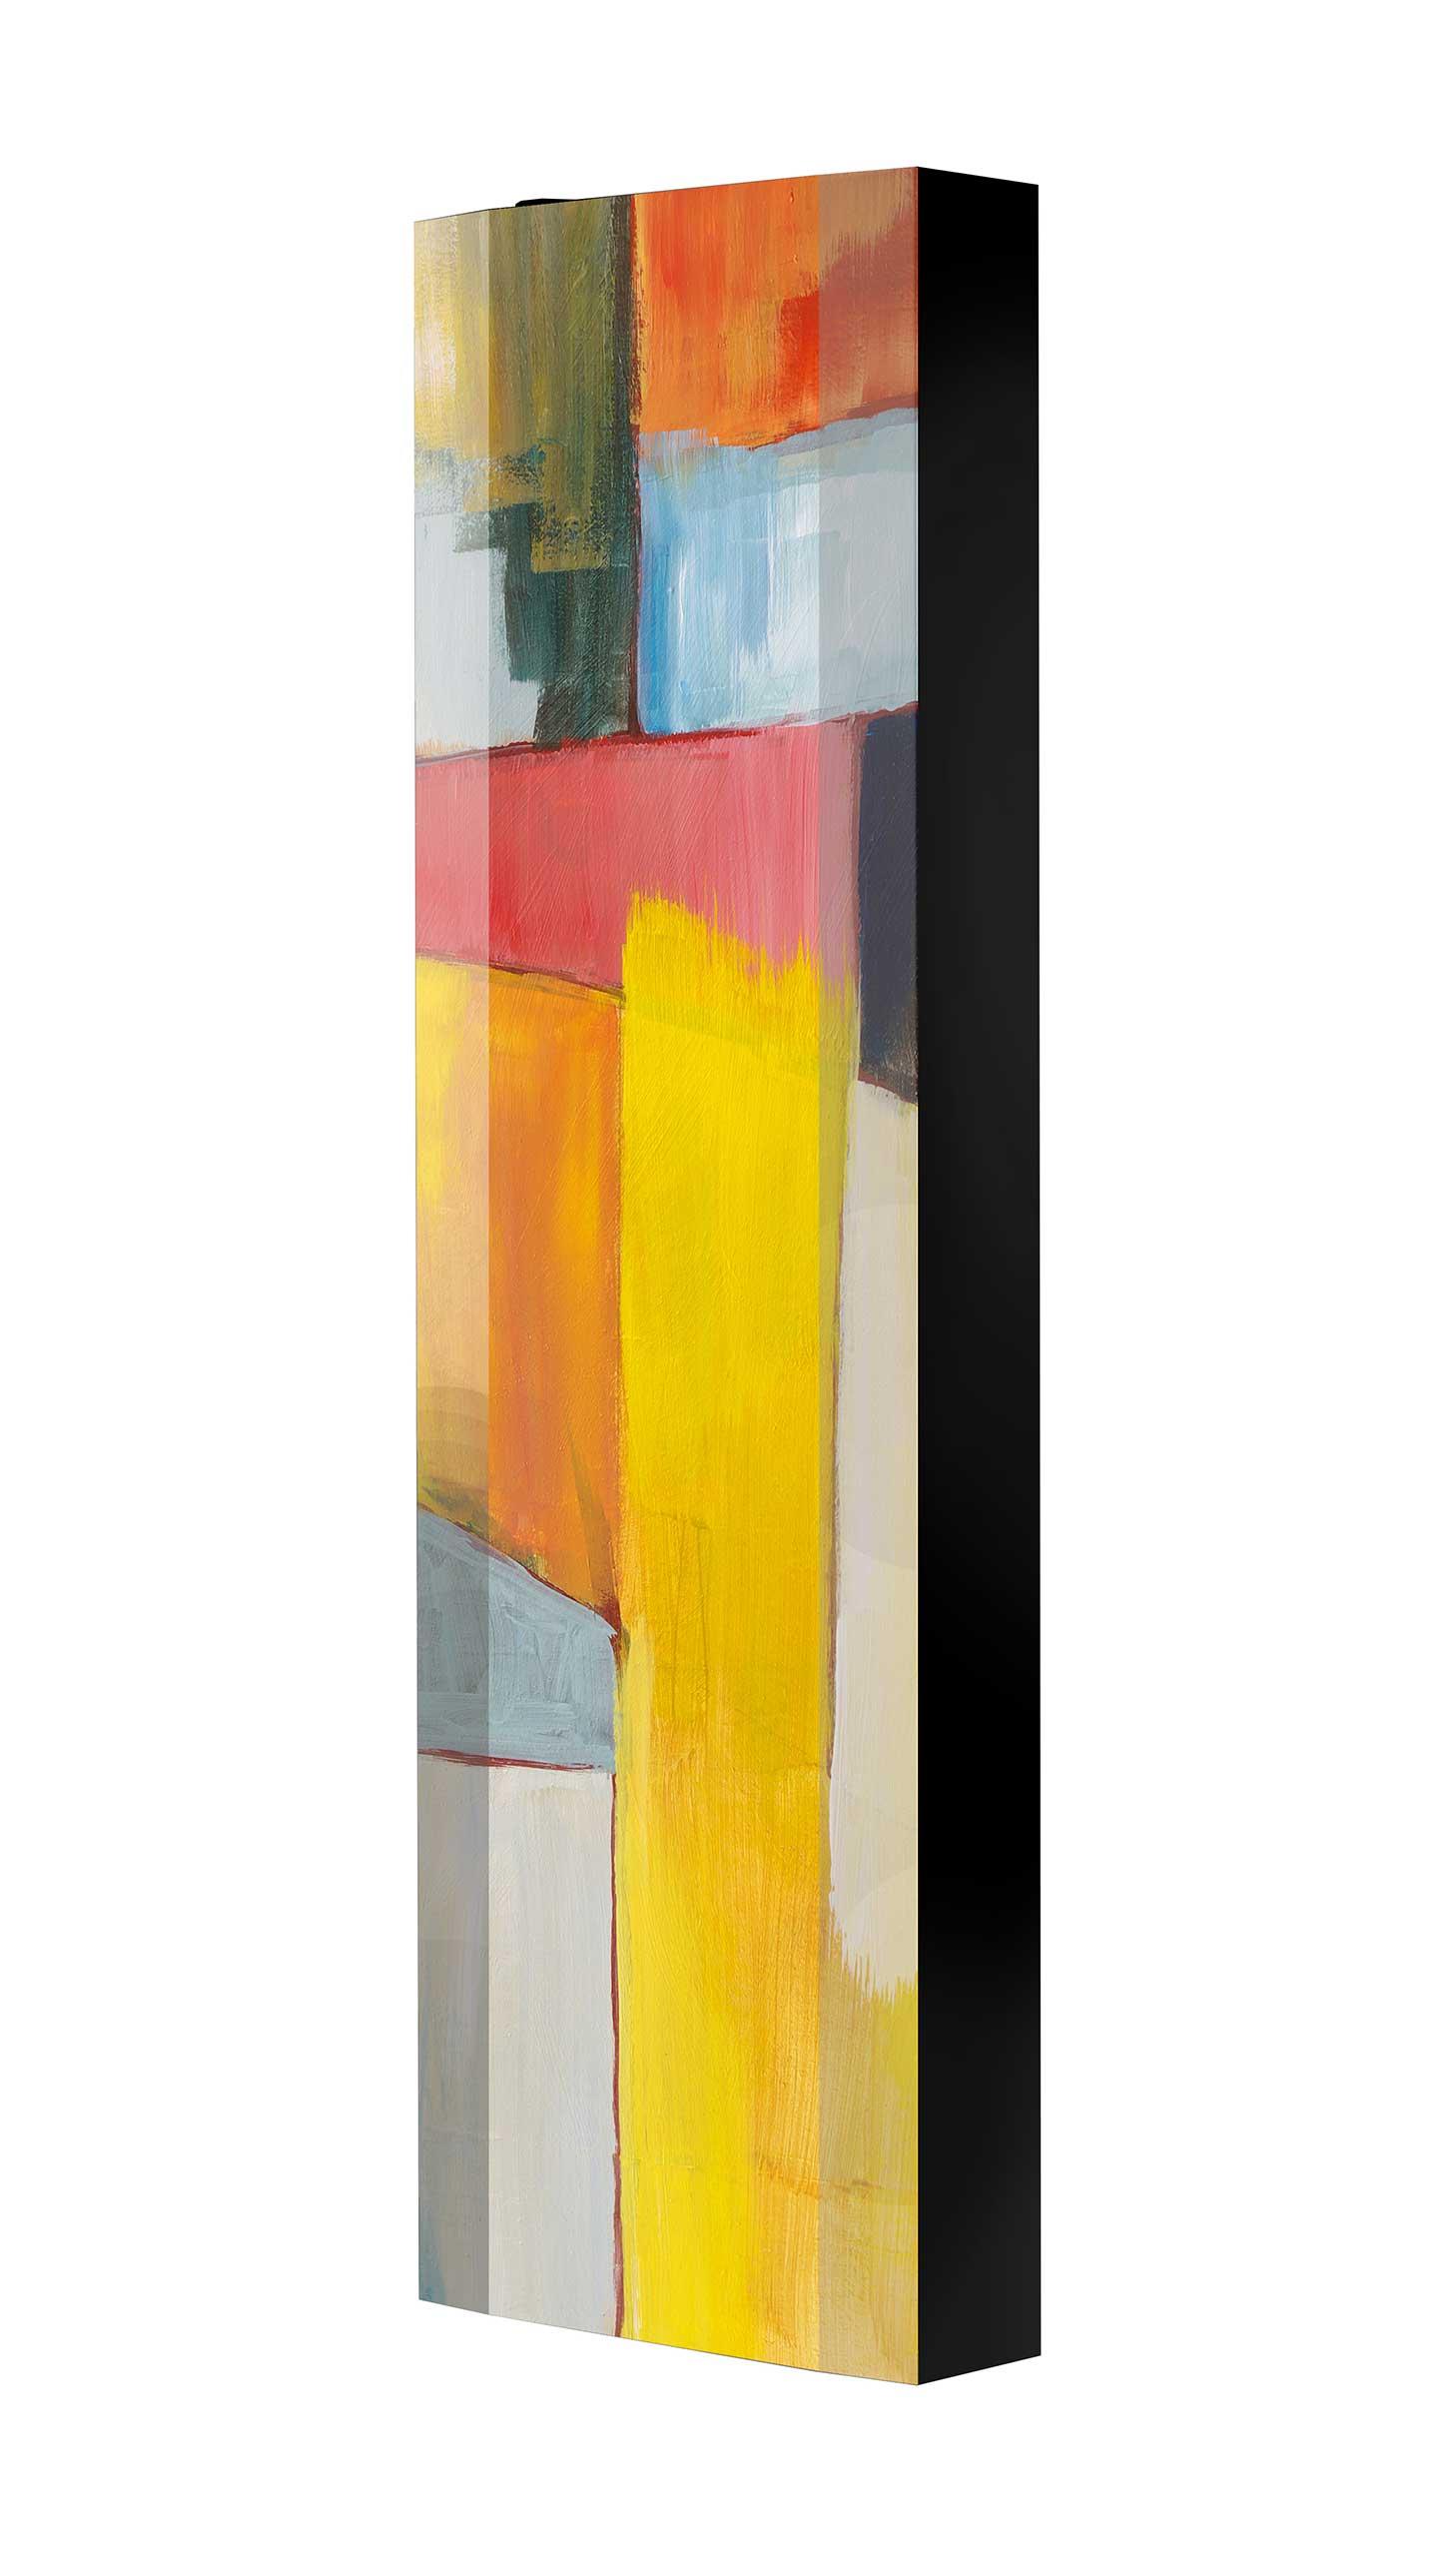 Schuhschrank FLASH 450 BLACK-EDITION Motivschrank schwarz drehbar M06 Kunst Modern